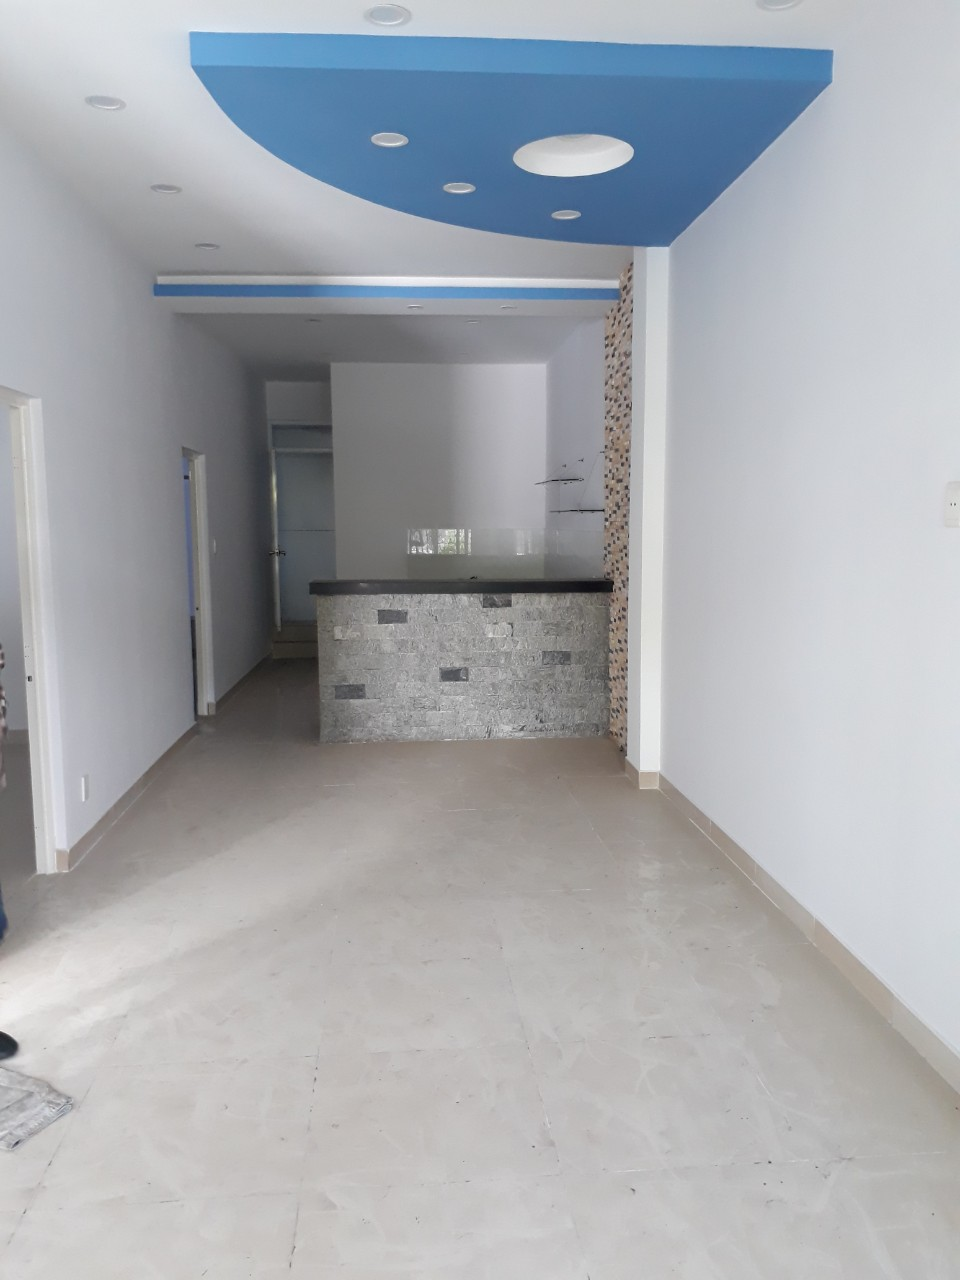 Bán nhà ngang 6 dài 13.5m mặt tiền khu Kiến Thiết, Hiệp Phú, Quận 9 – 0981260130